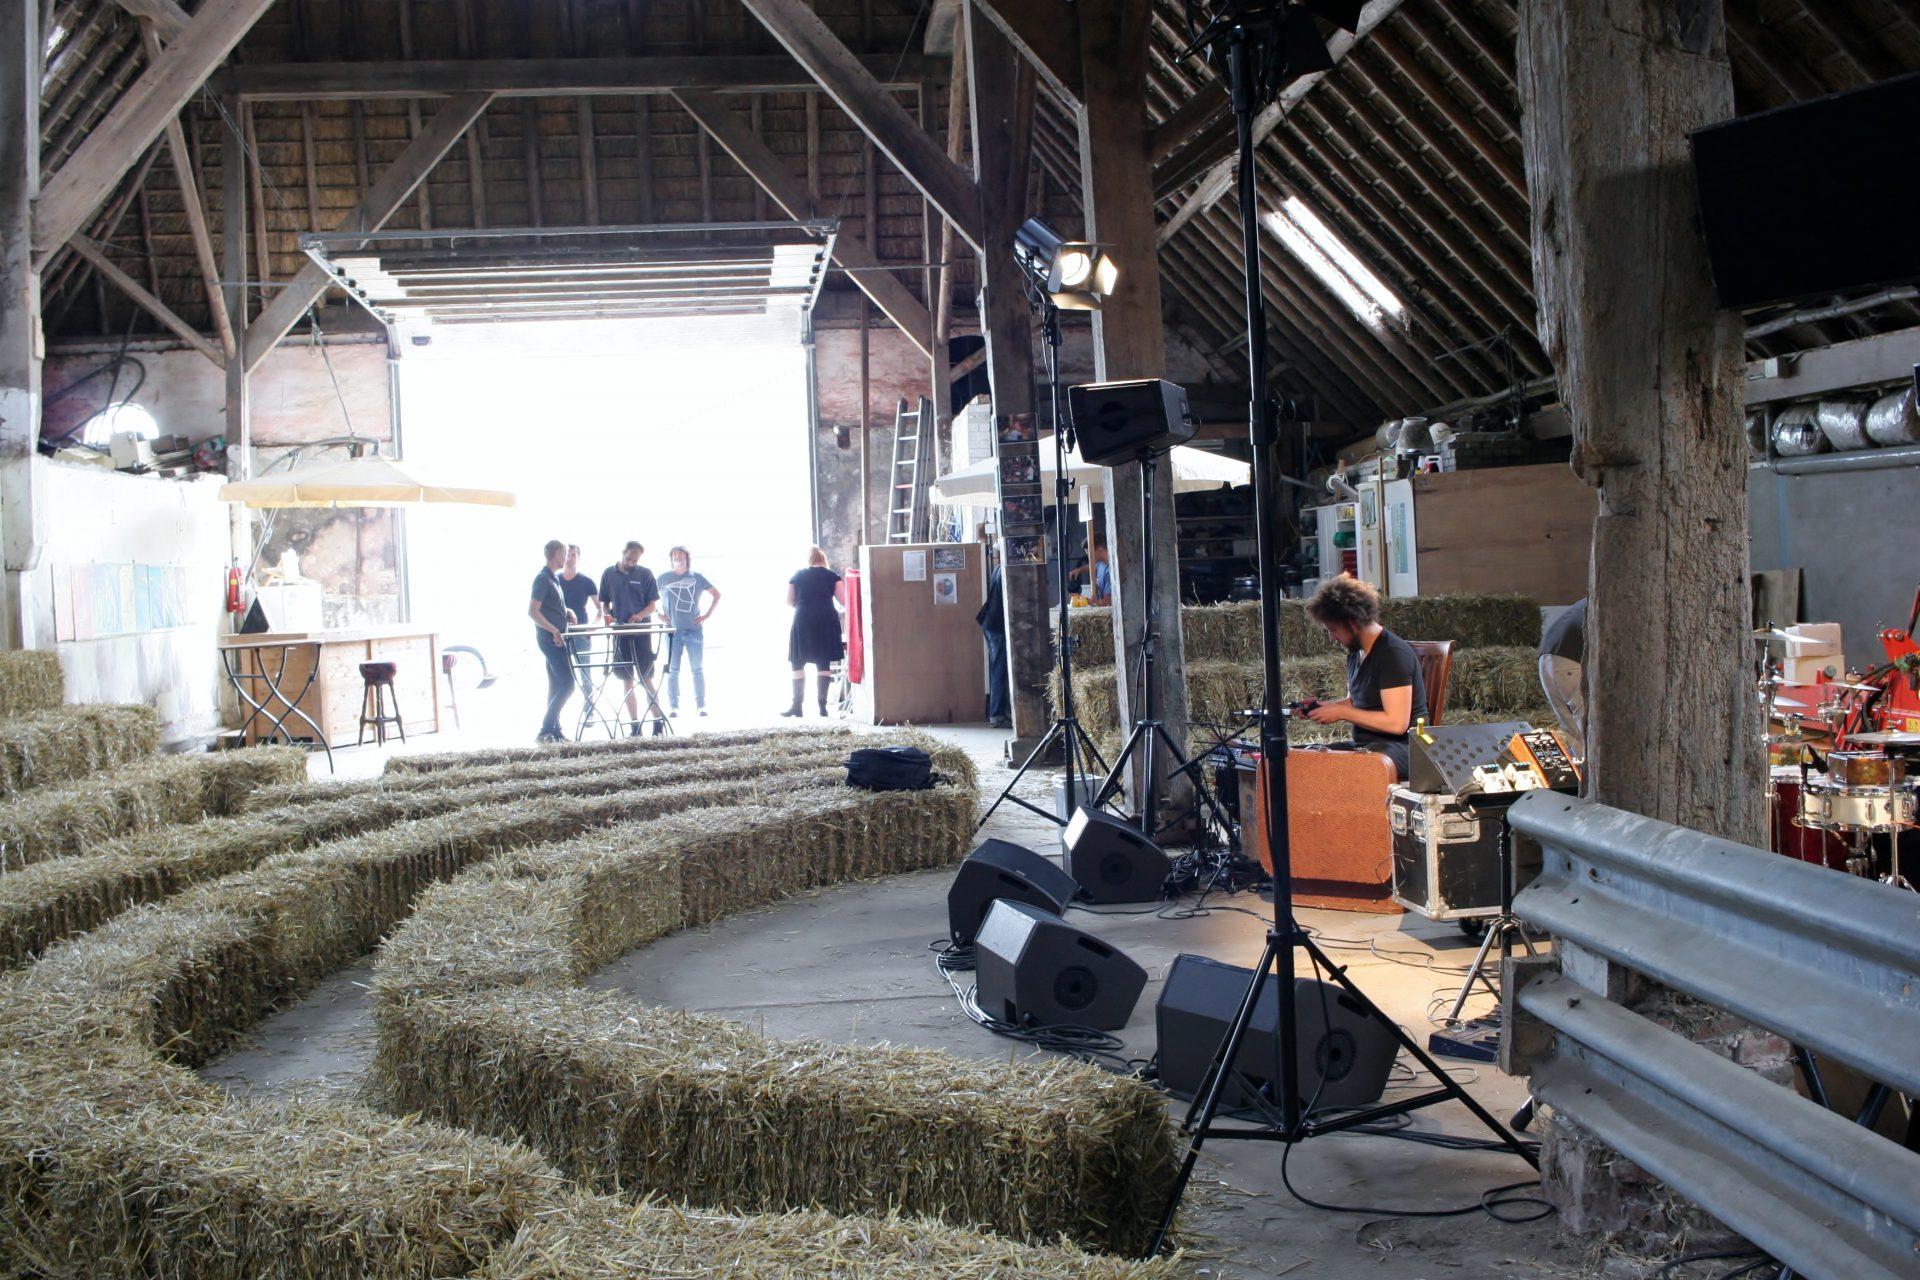 Slikovito prizorišče na kmetiji v vasi Den Ham. Foto: Dejan Pušenjak